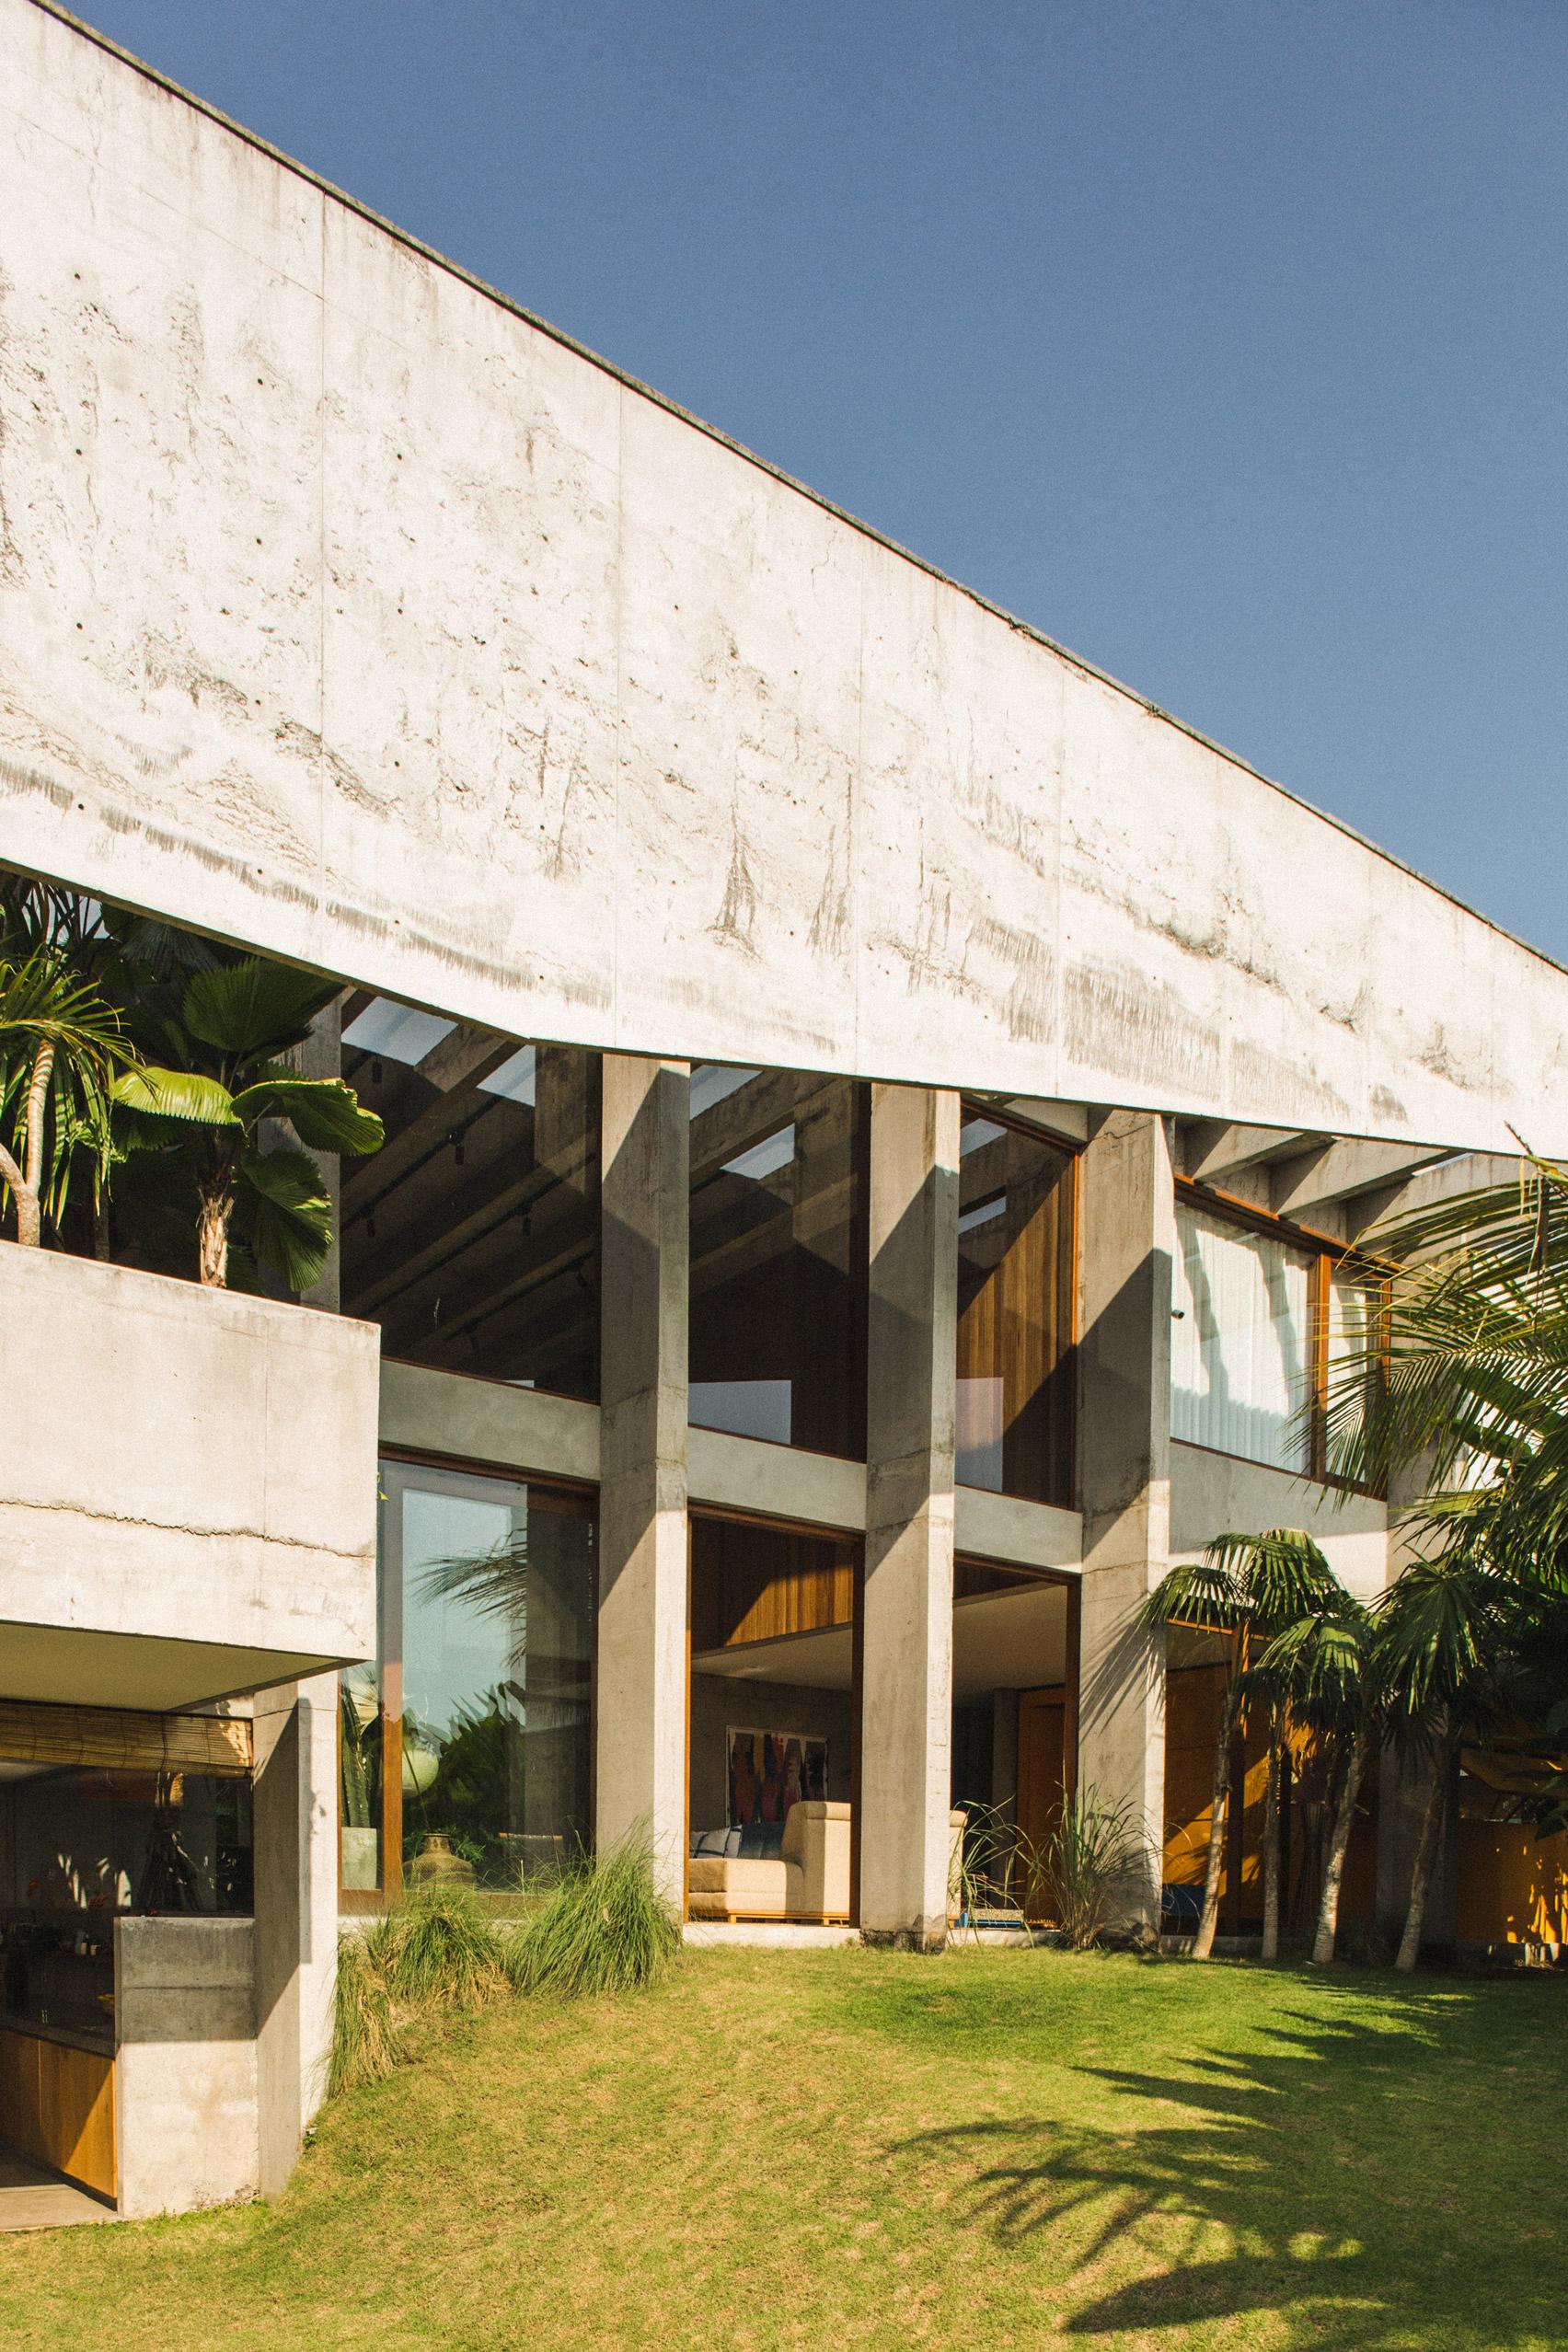 Ngôi nhà đầy sắc màu nhiệt đới với cây xanh phủ kín mọi góc nhìn - Ảnh 4.